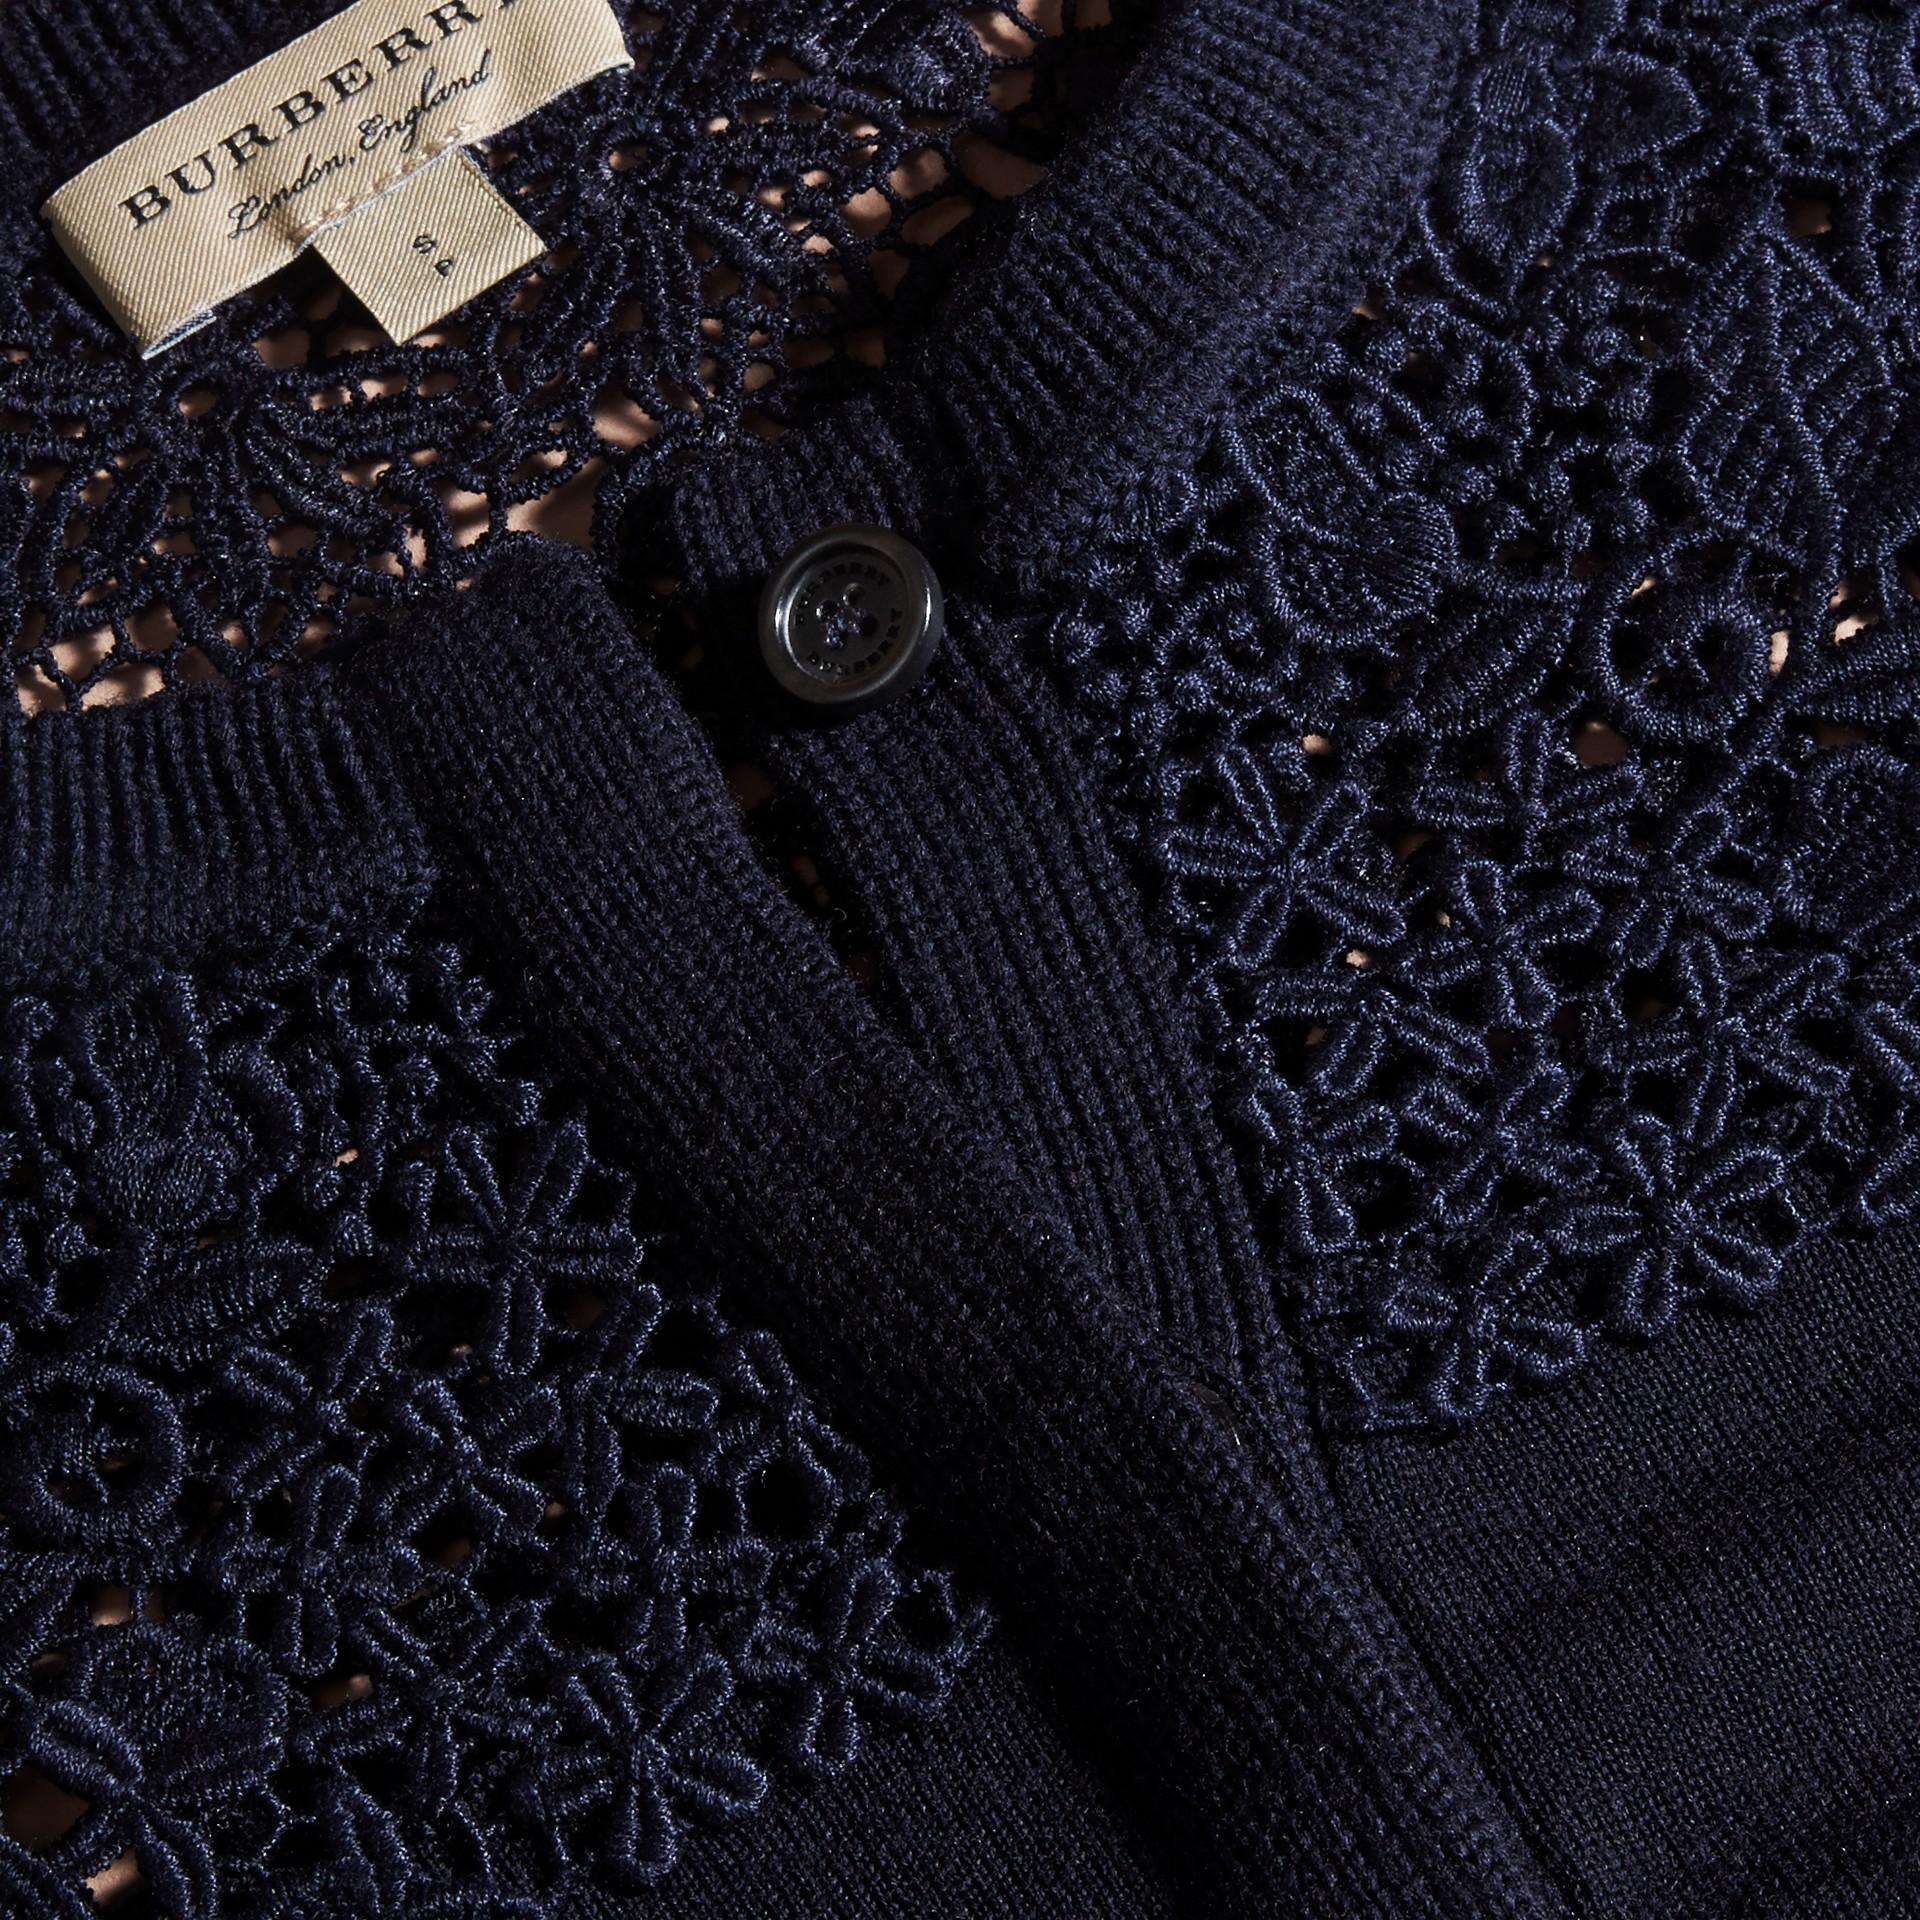 Marine Cardigan en laine mérinos avec empiècement en dentelle Marine - photo de la galerie 2